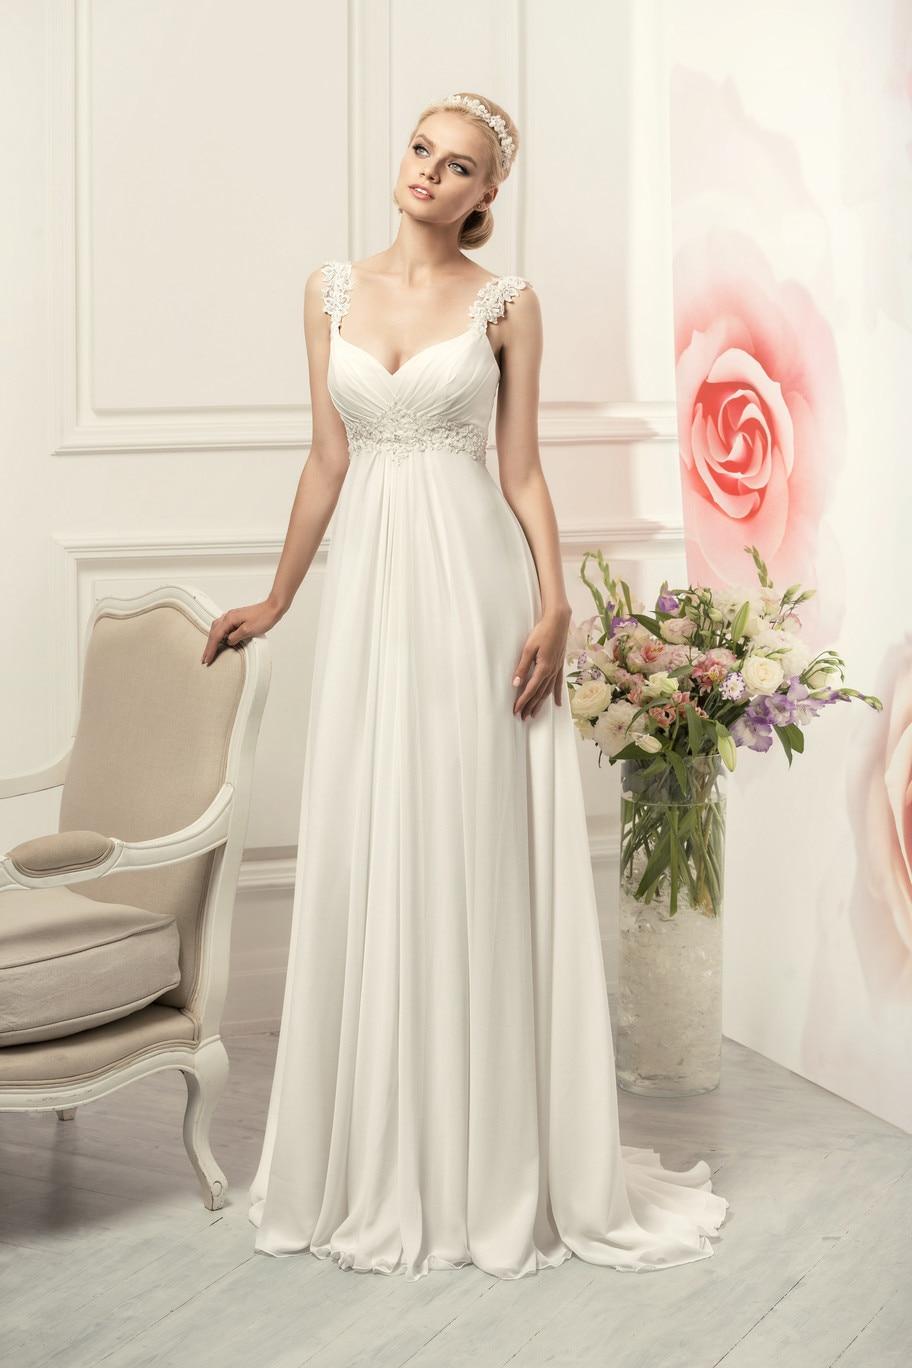 Semplice Senza Spalline in Chiffon Abiti da Sposa Elegante Della Boemia Empire Abito da Sposa Bianco/Avorio Vestido De Novia 2019